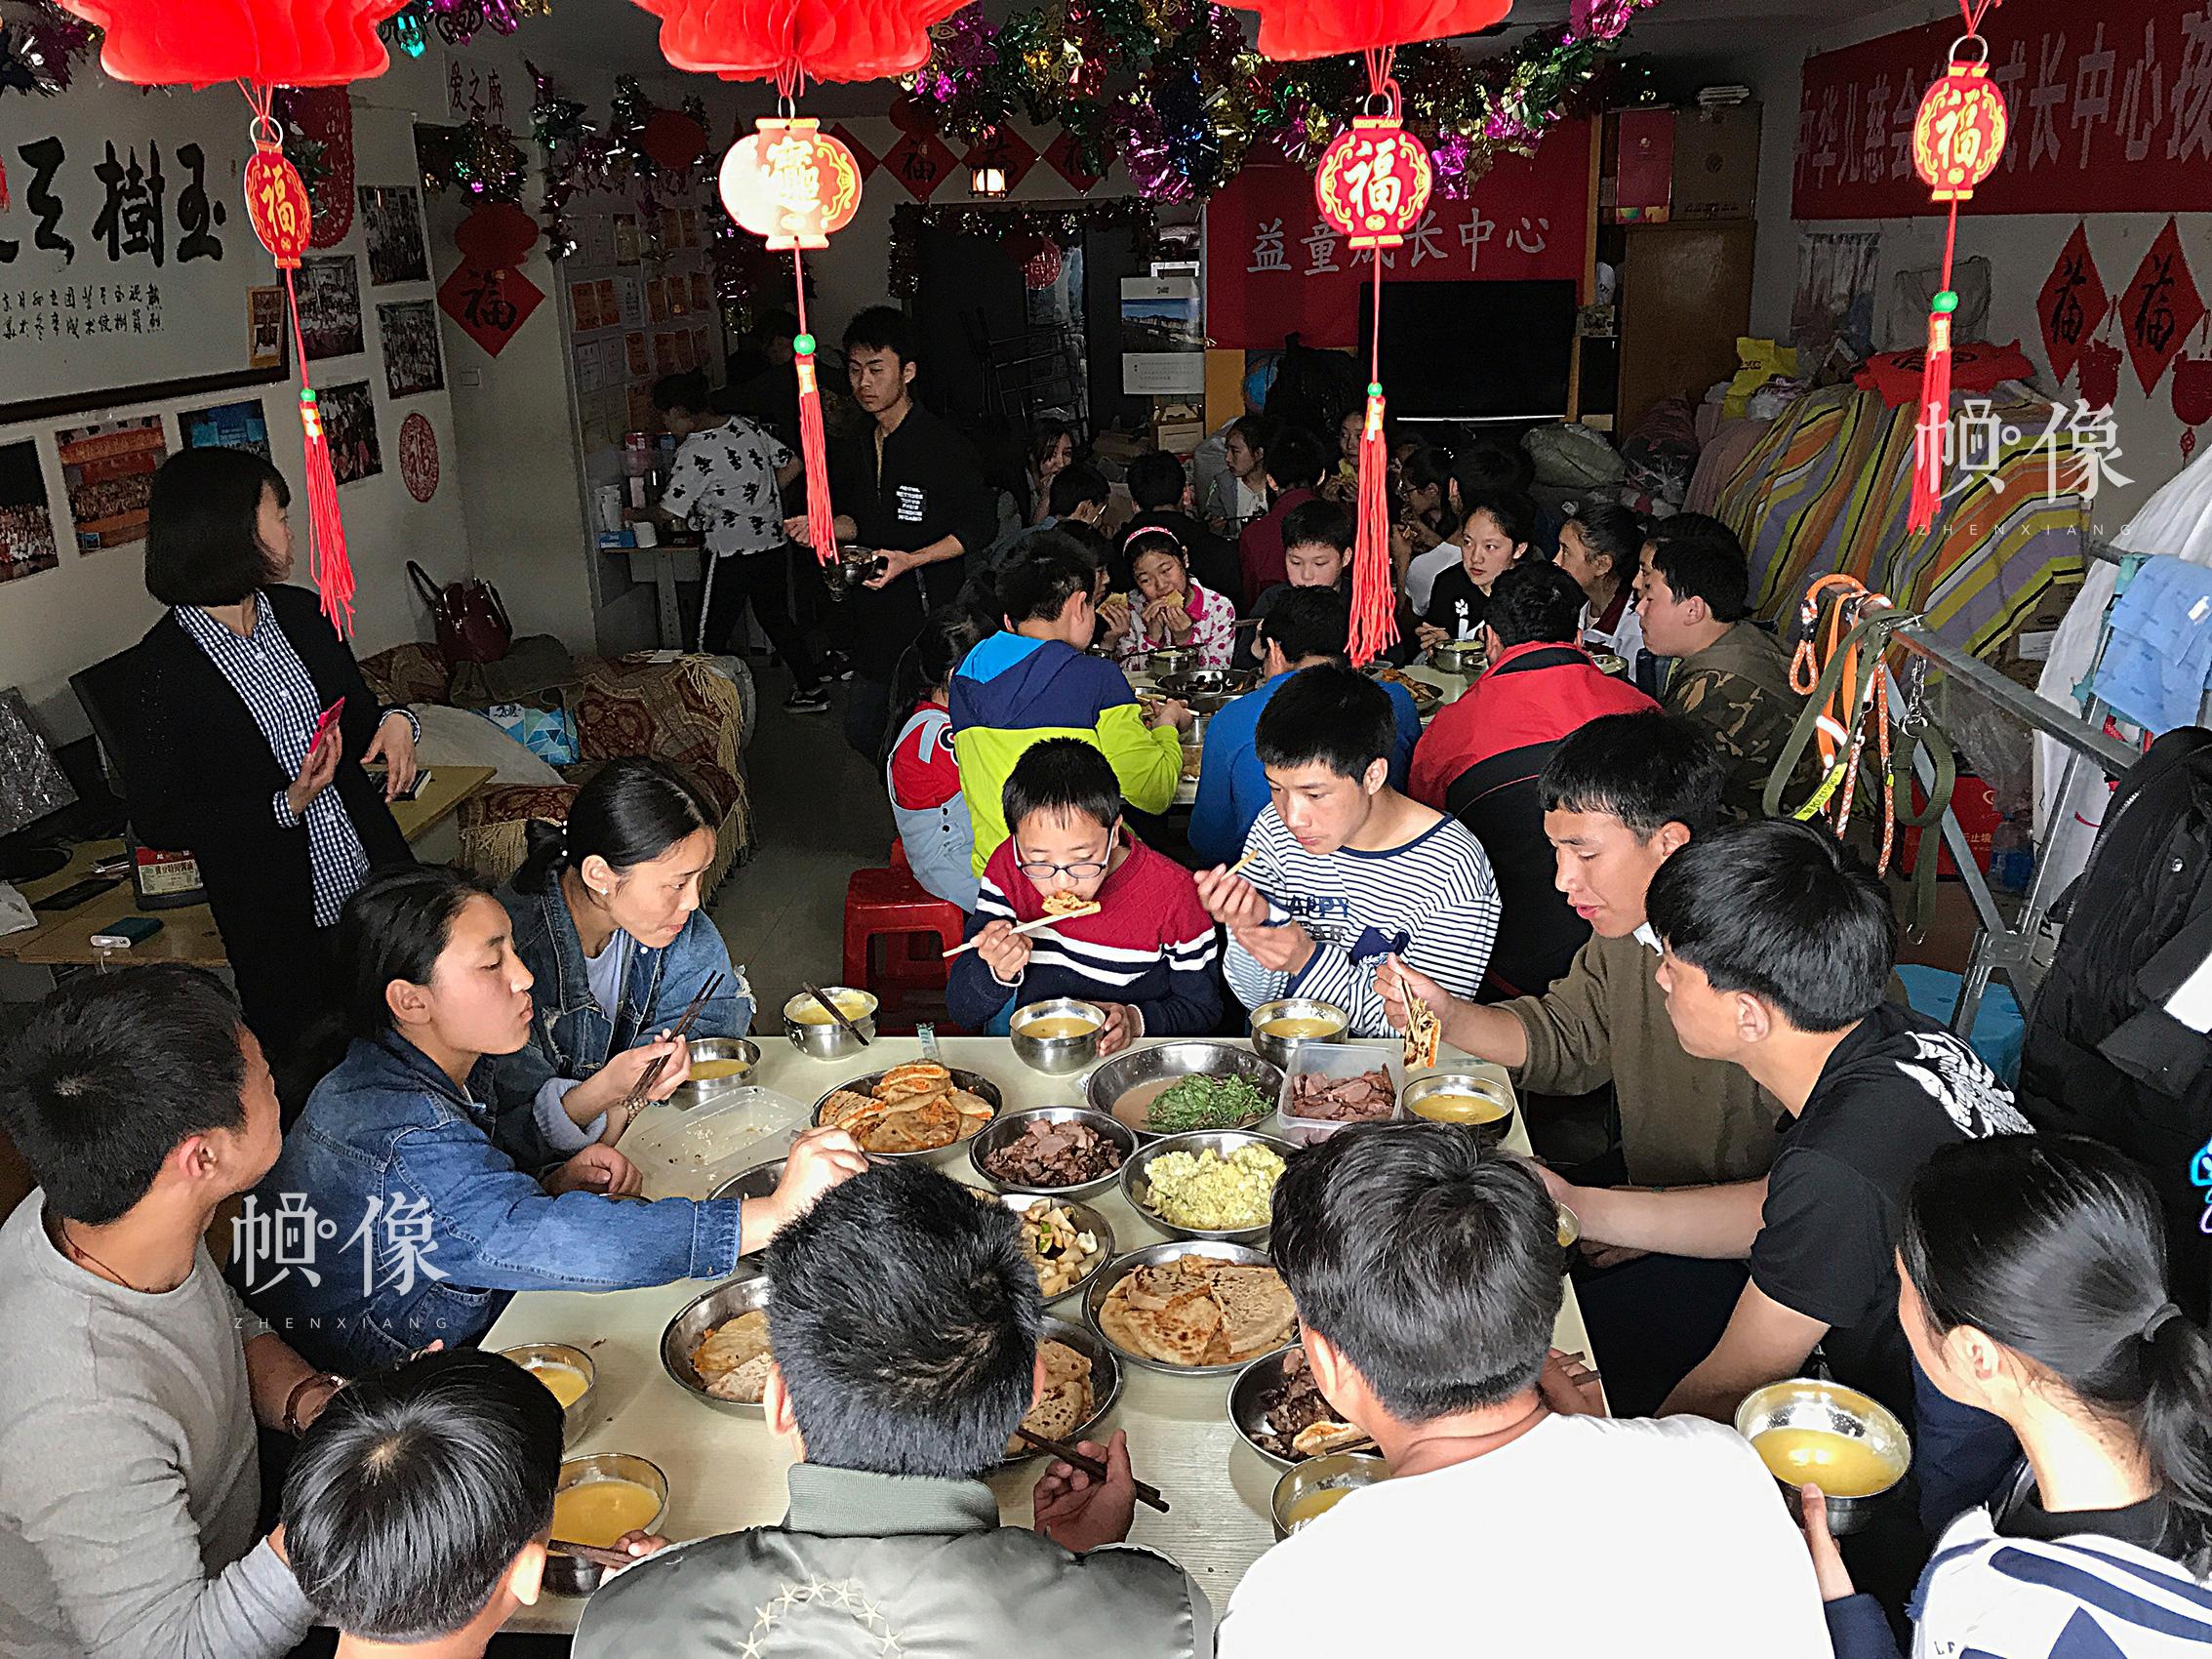 2017年4月9日,北京益童成长中心,孩子们在享用爱心人士为他们精心制作的午餐。(北京益童之家供图)